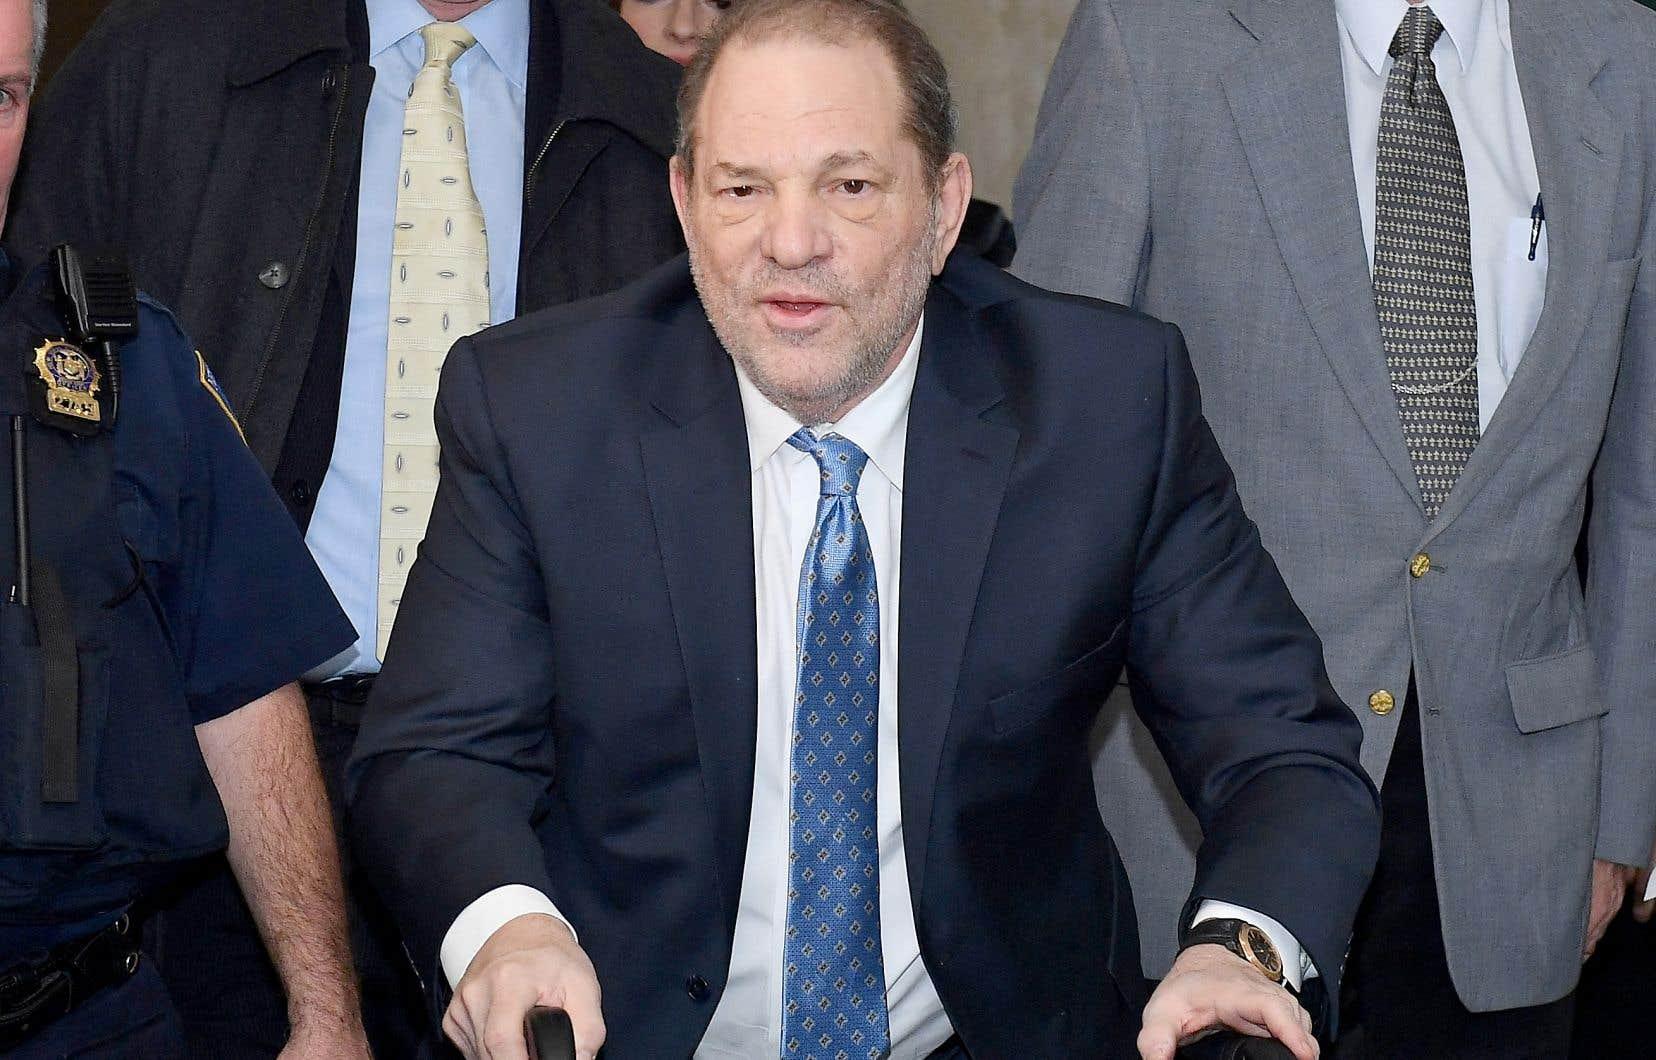 Les accusations de harcèlement et d'agressions sexuelles contre Harvey Weinstein sont sorties au grand jour en 2017.